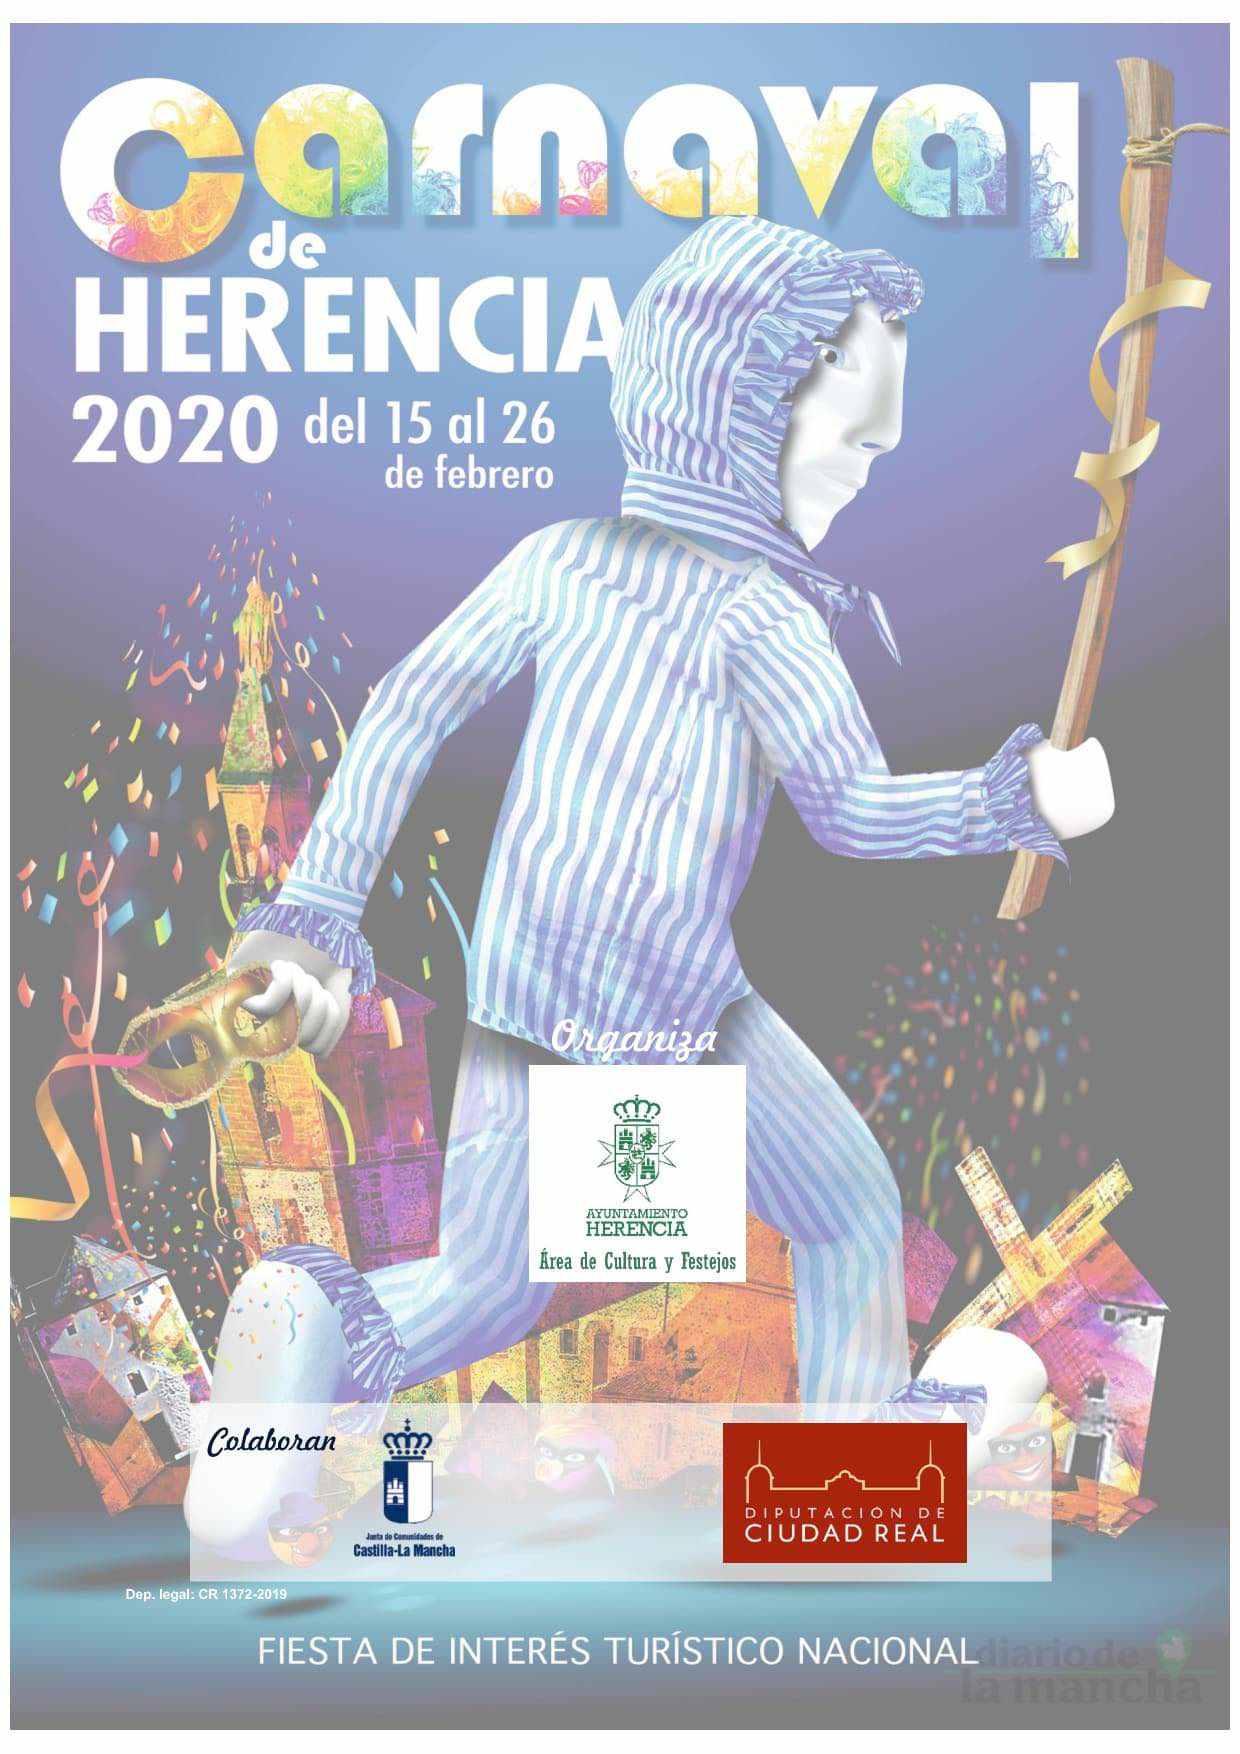 programacion carnaval 2020 herencia 10 - El actor Salva Reina pregonará un Carnaval de Herencia de Interés Turístico Nacional